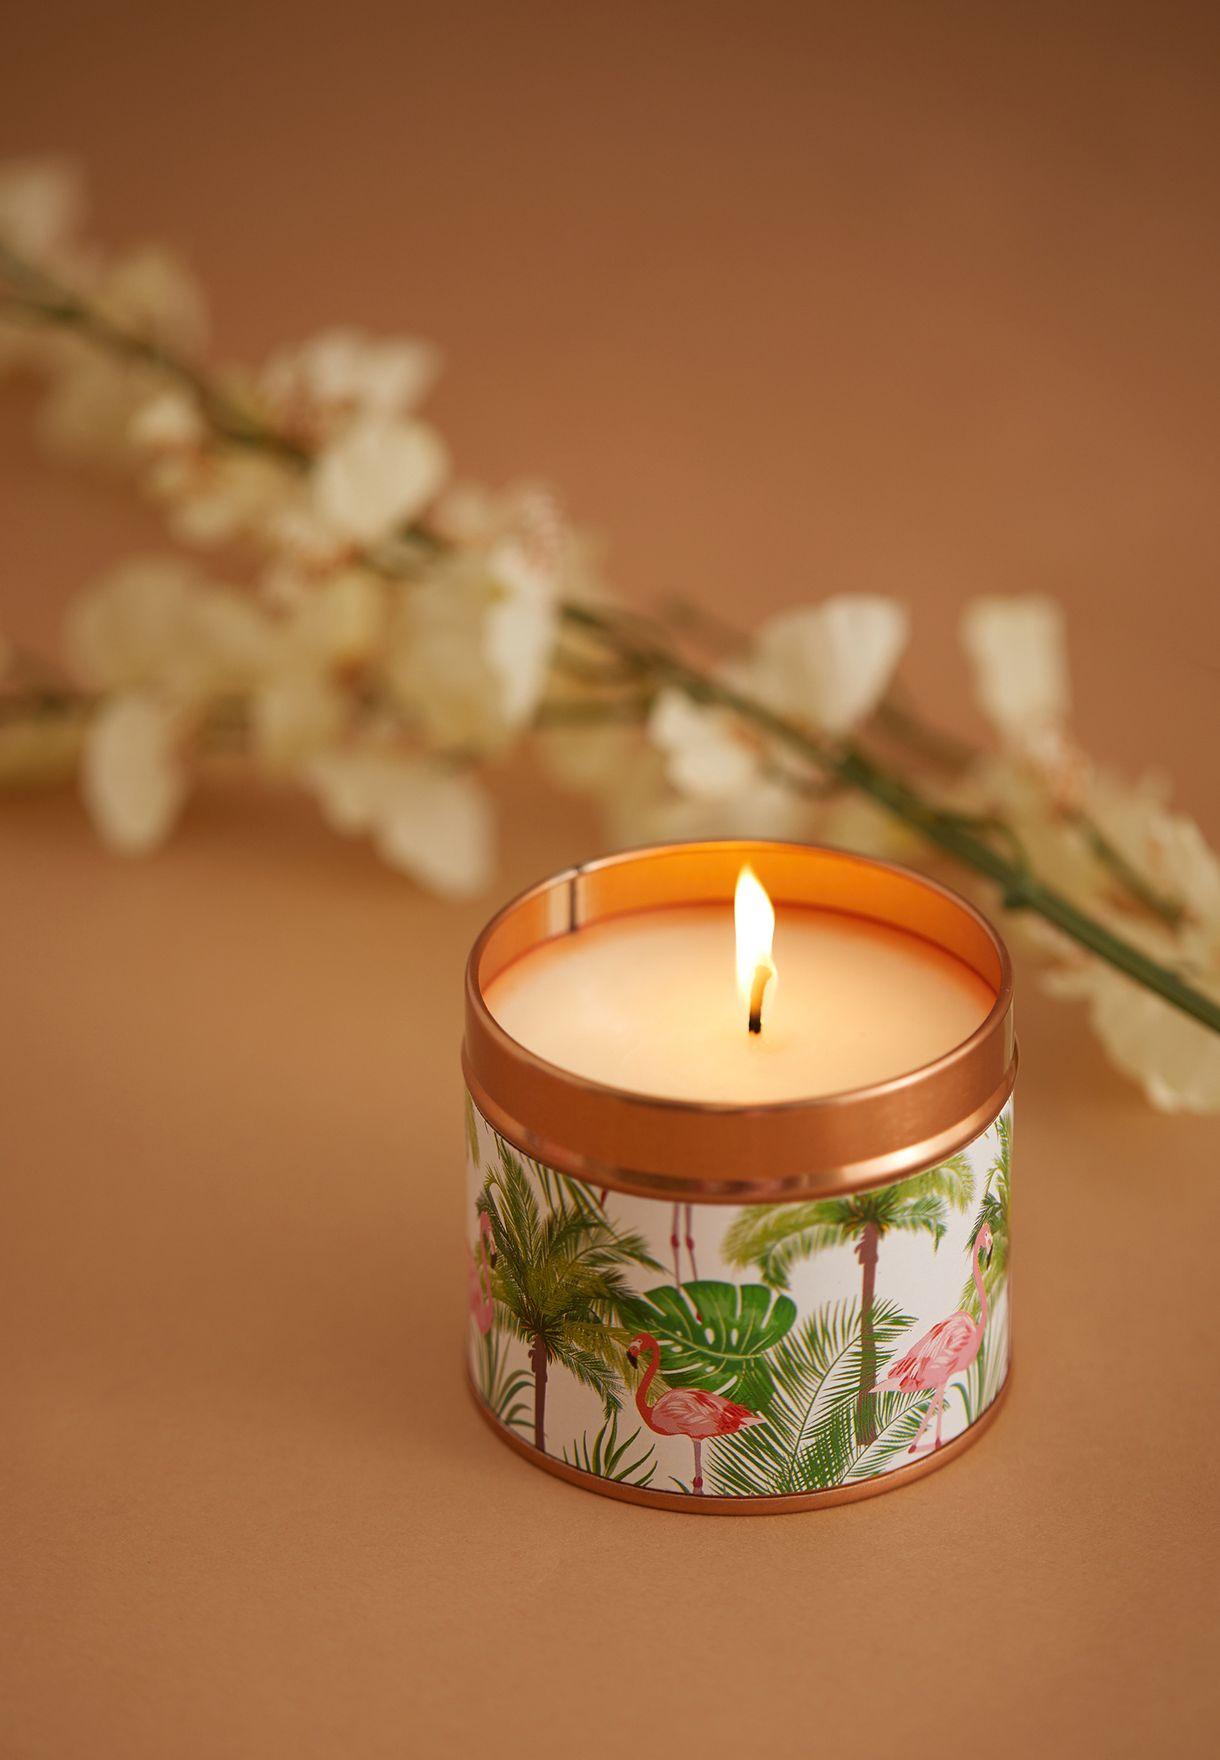 شمعة برائحة ازهار جوز الهند